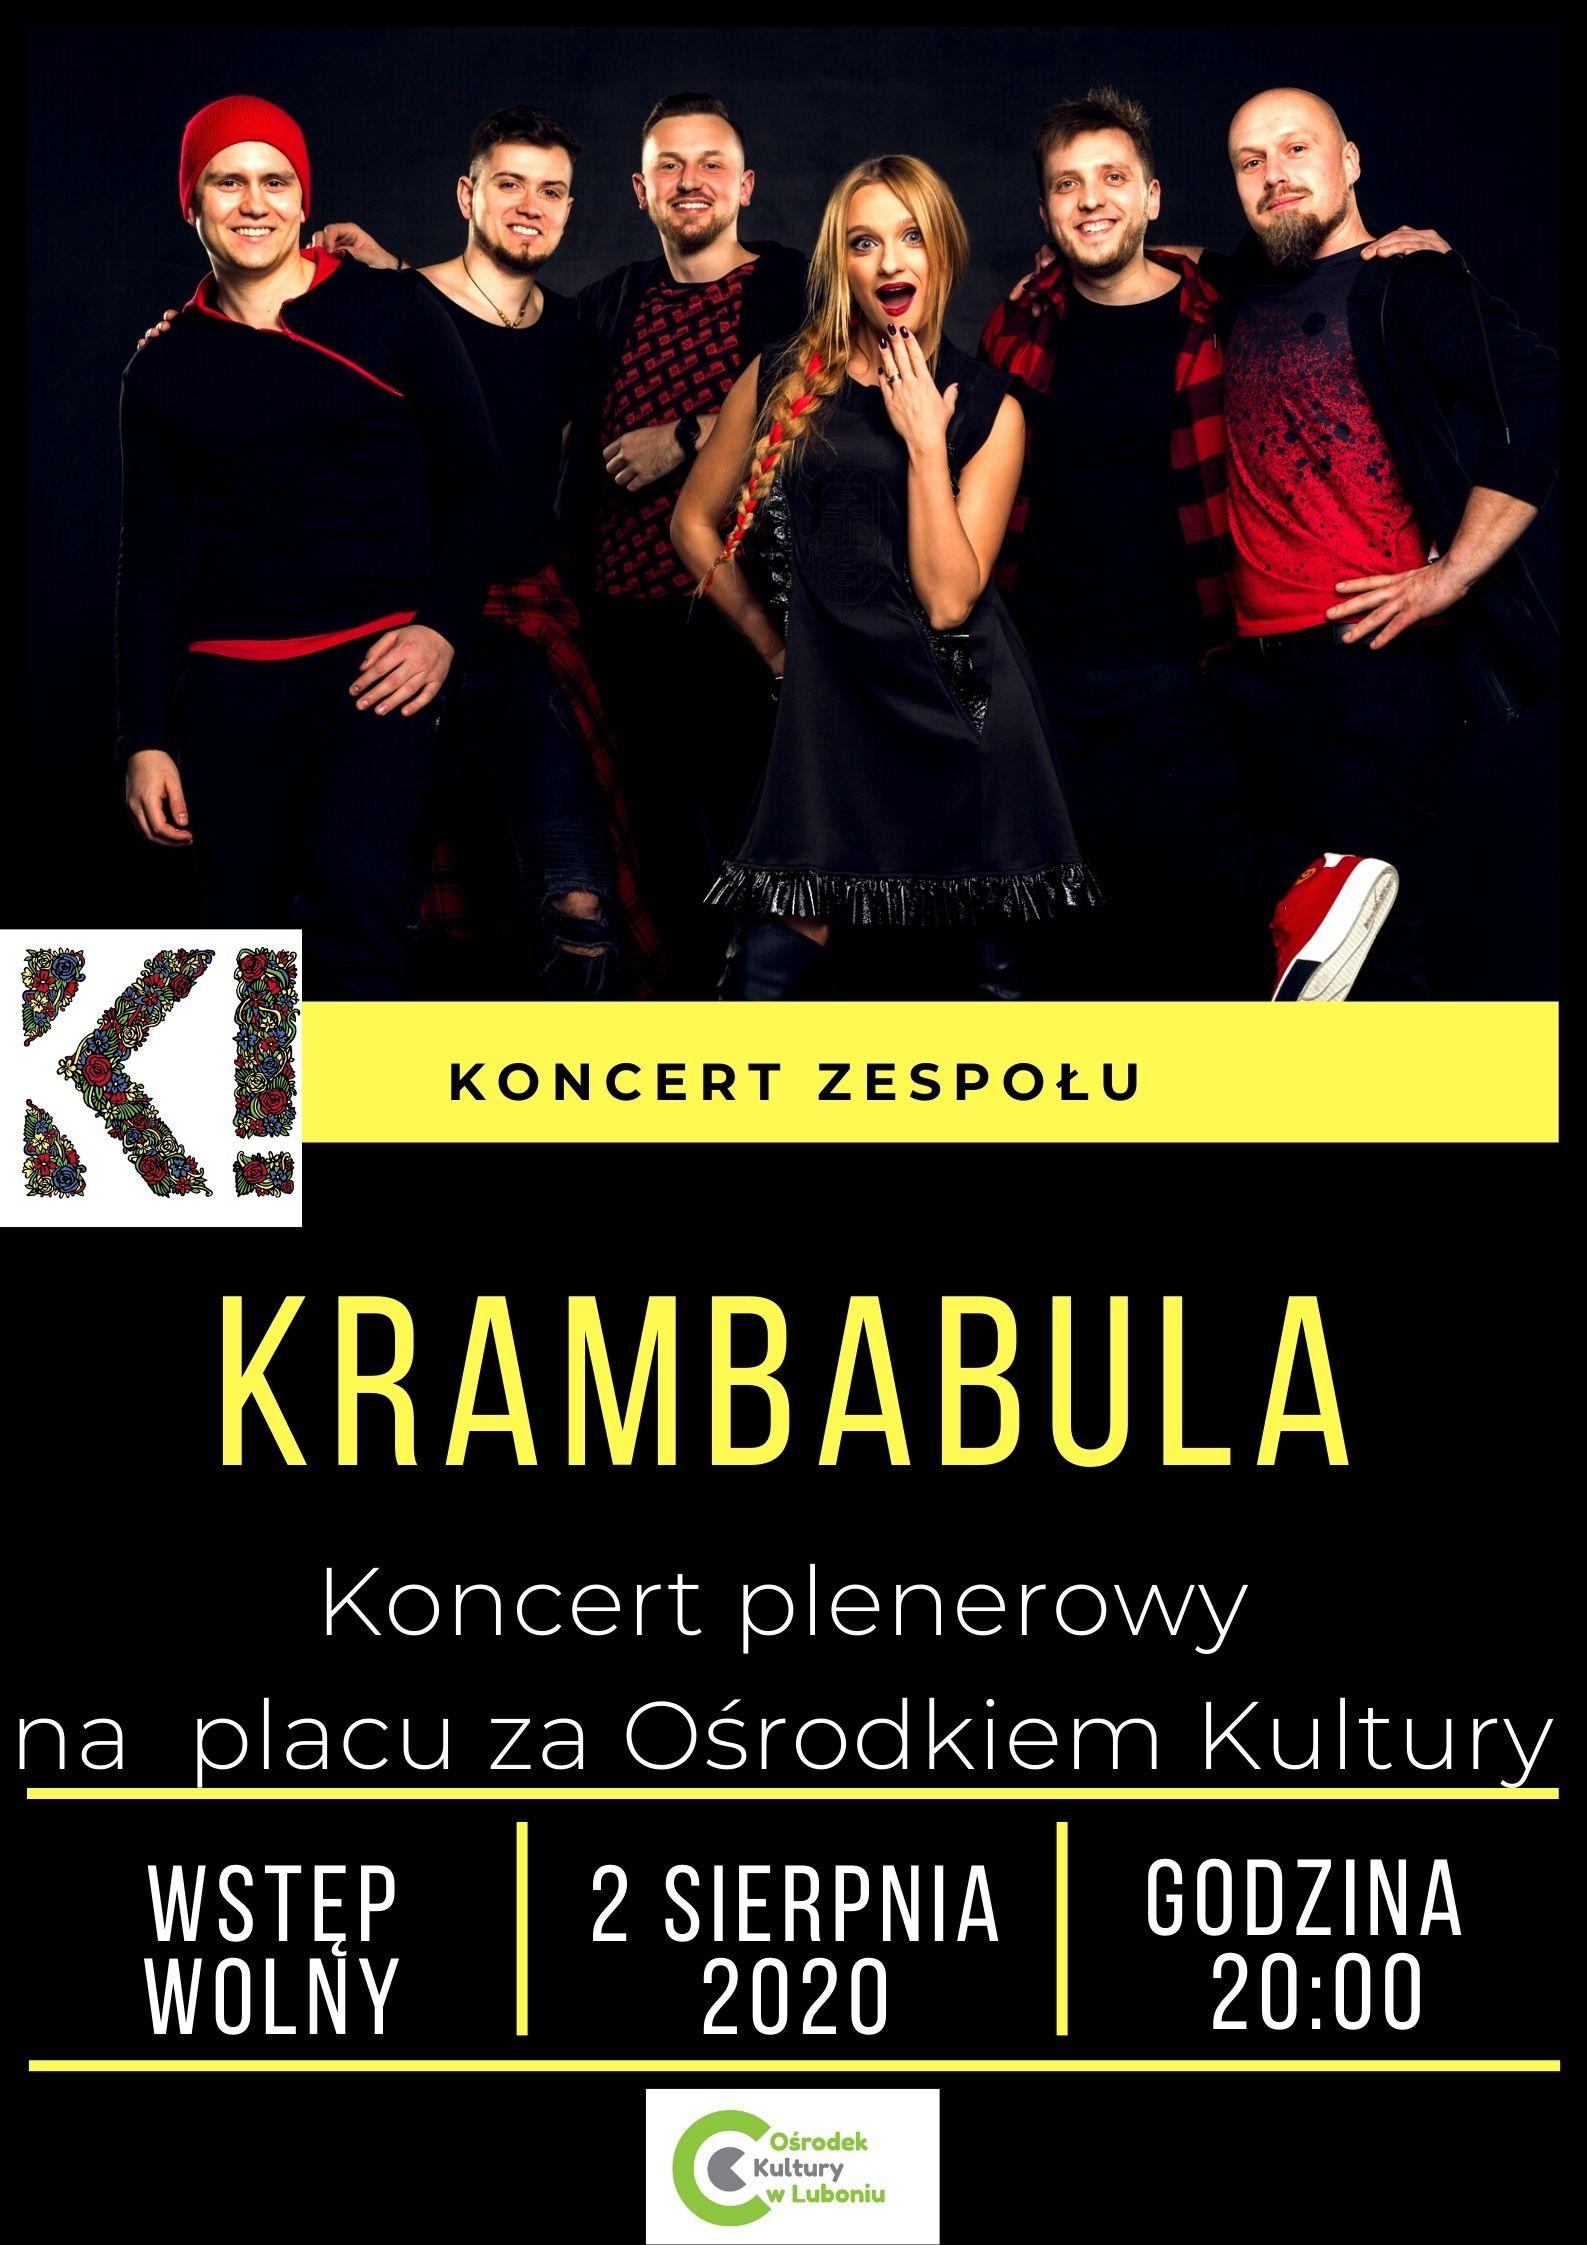 Koncert zespołu KRAMBABULA